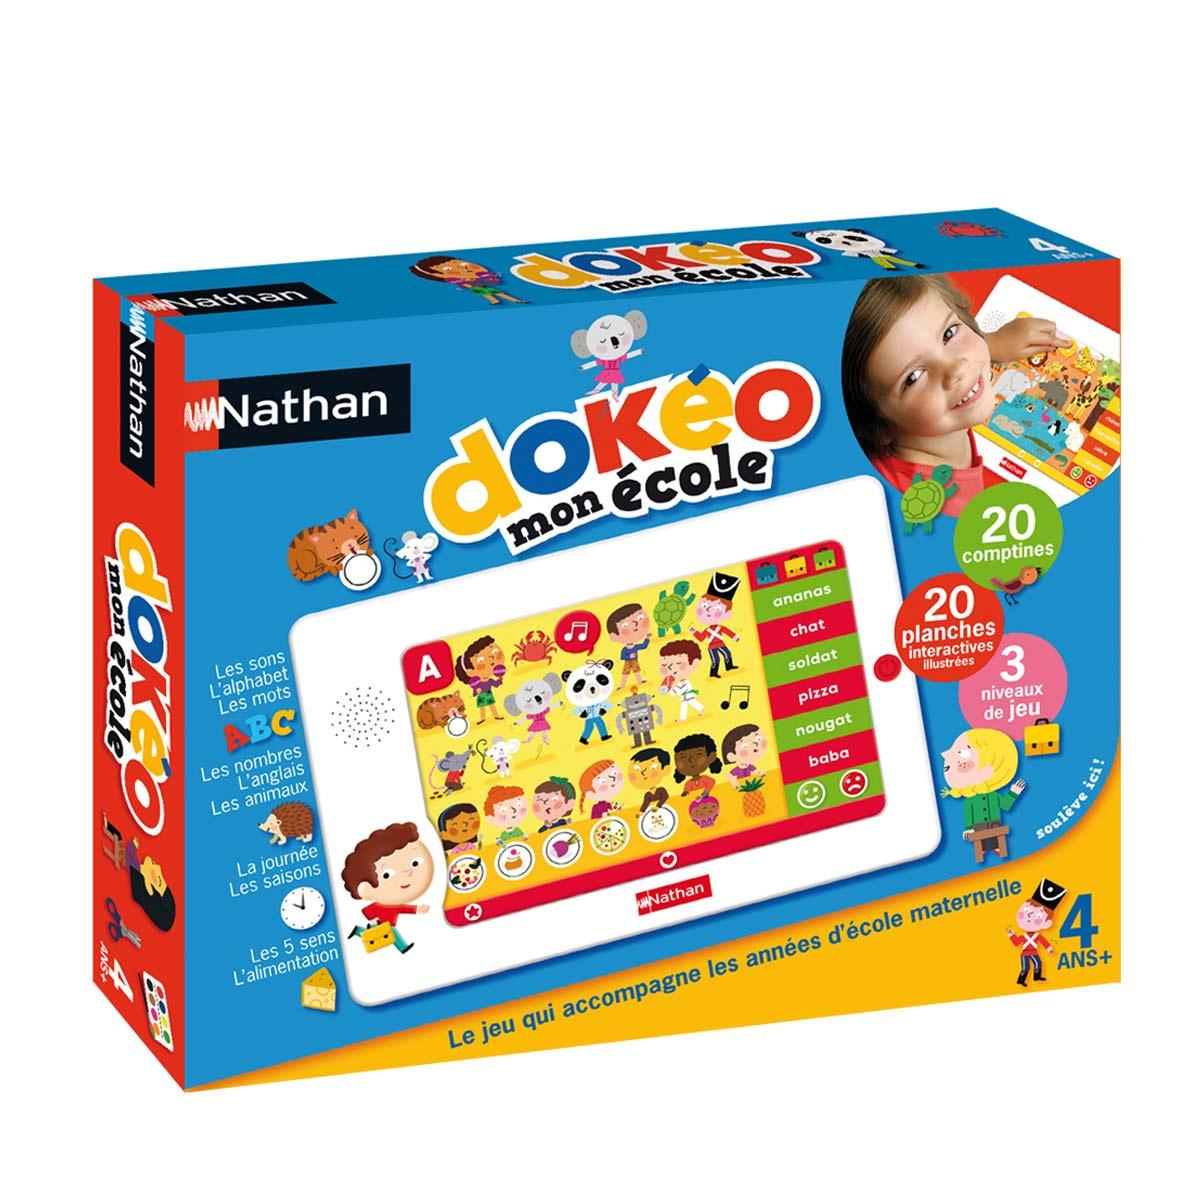 Tablette Éducative Dokéo École concernant Jeu Educatif Maternelle